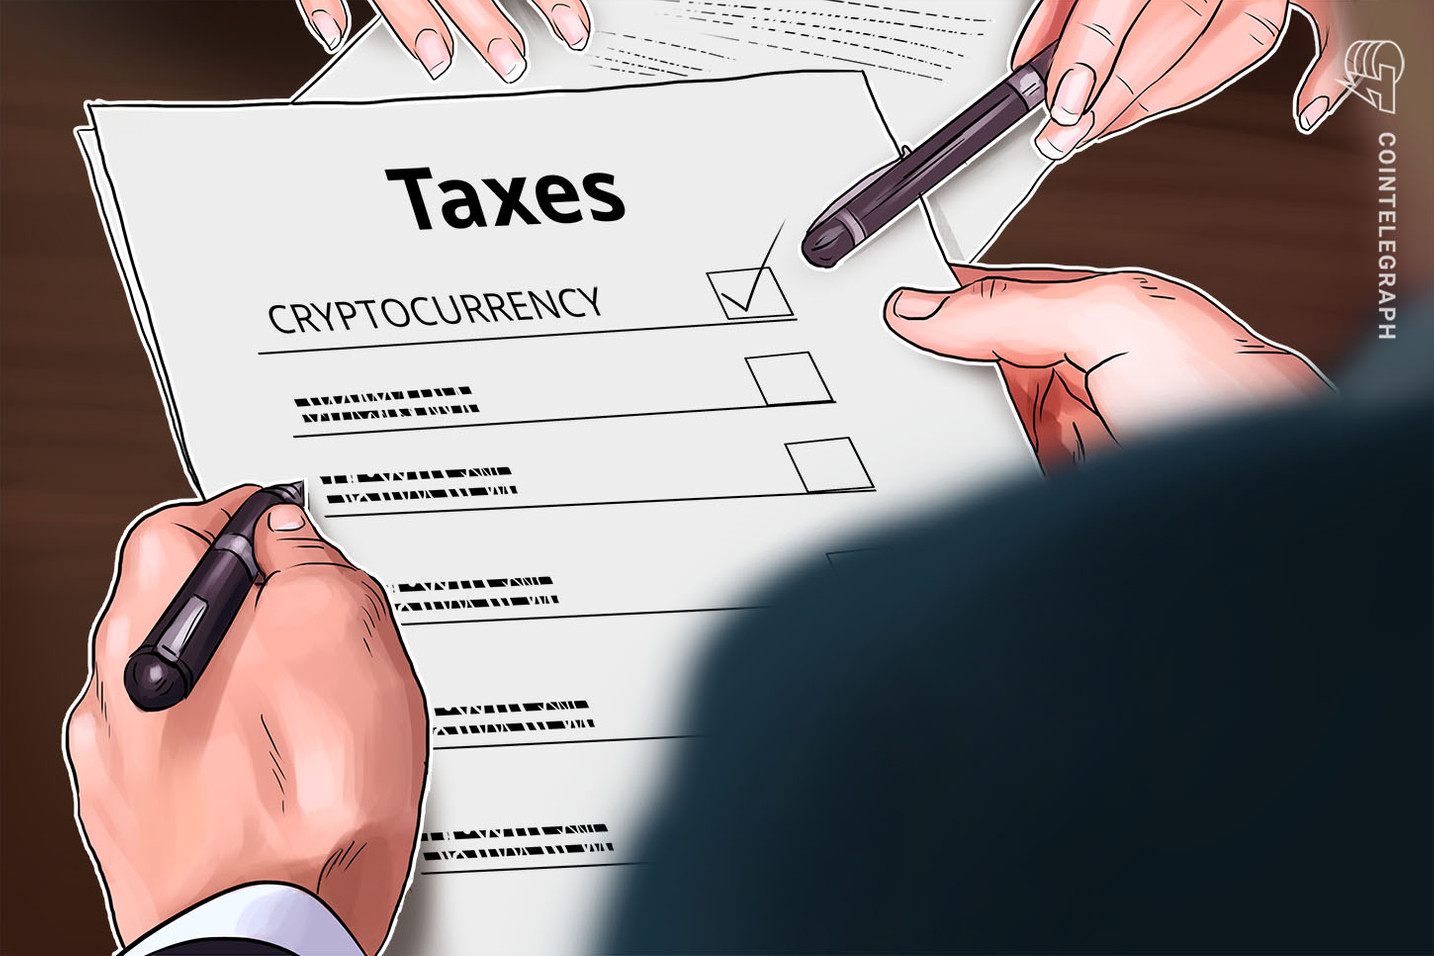 Congressistas americanos pedem para o IRS esclarecer as denúncias de impostos sobre criptos antes de 15 de abril